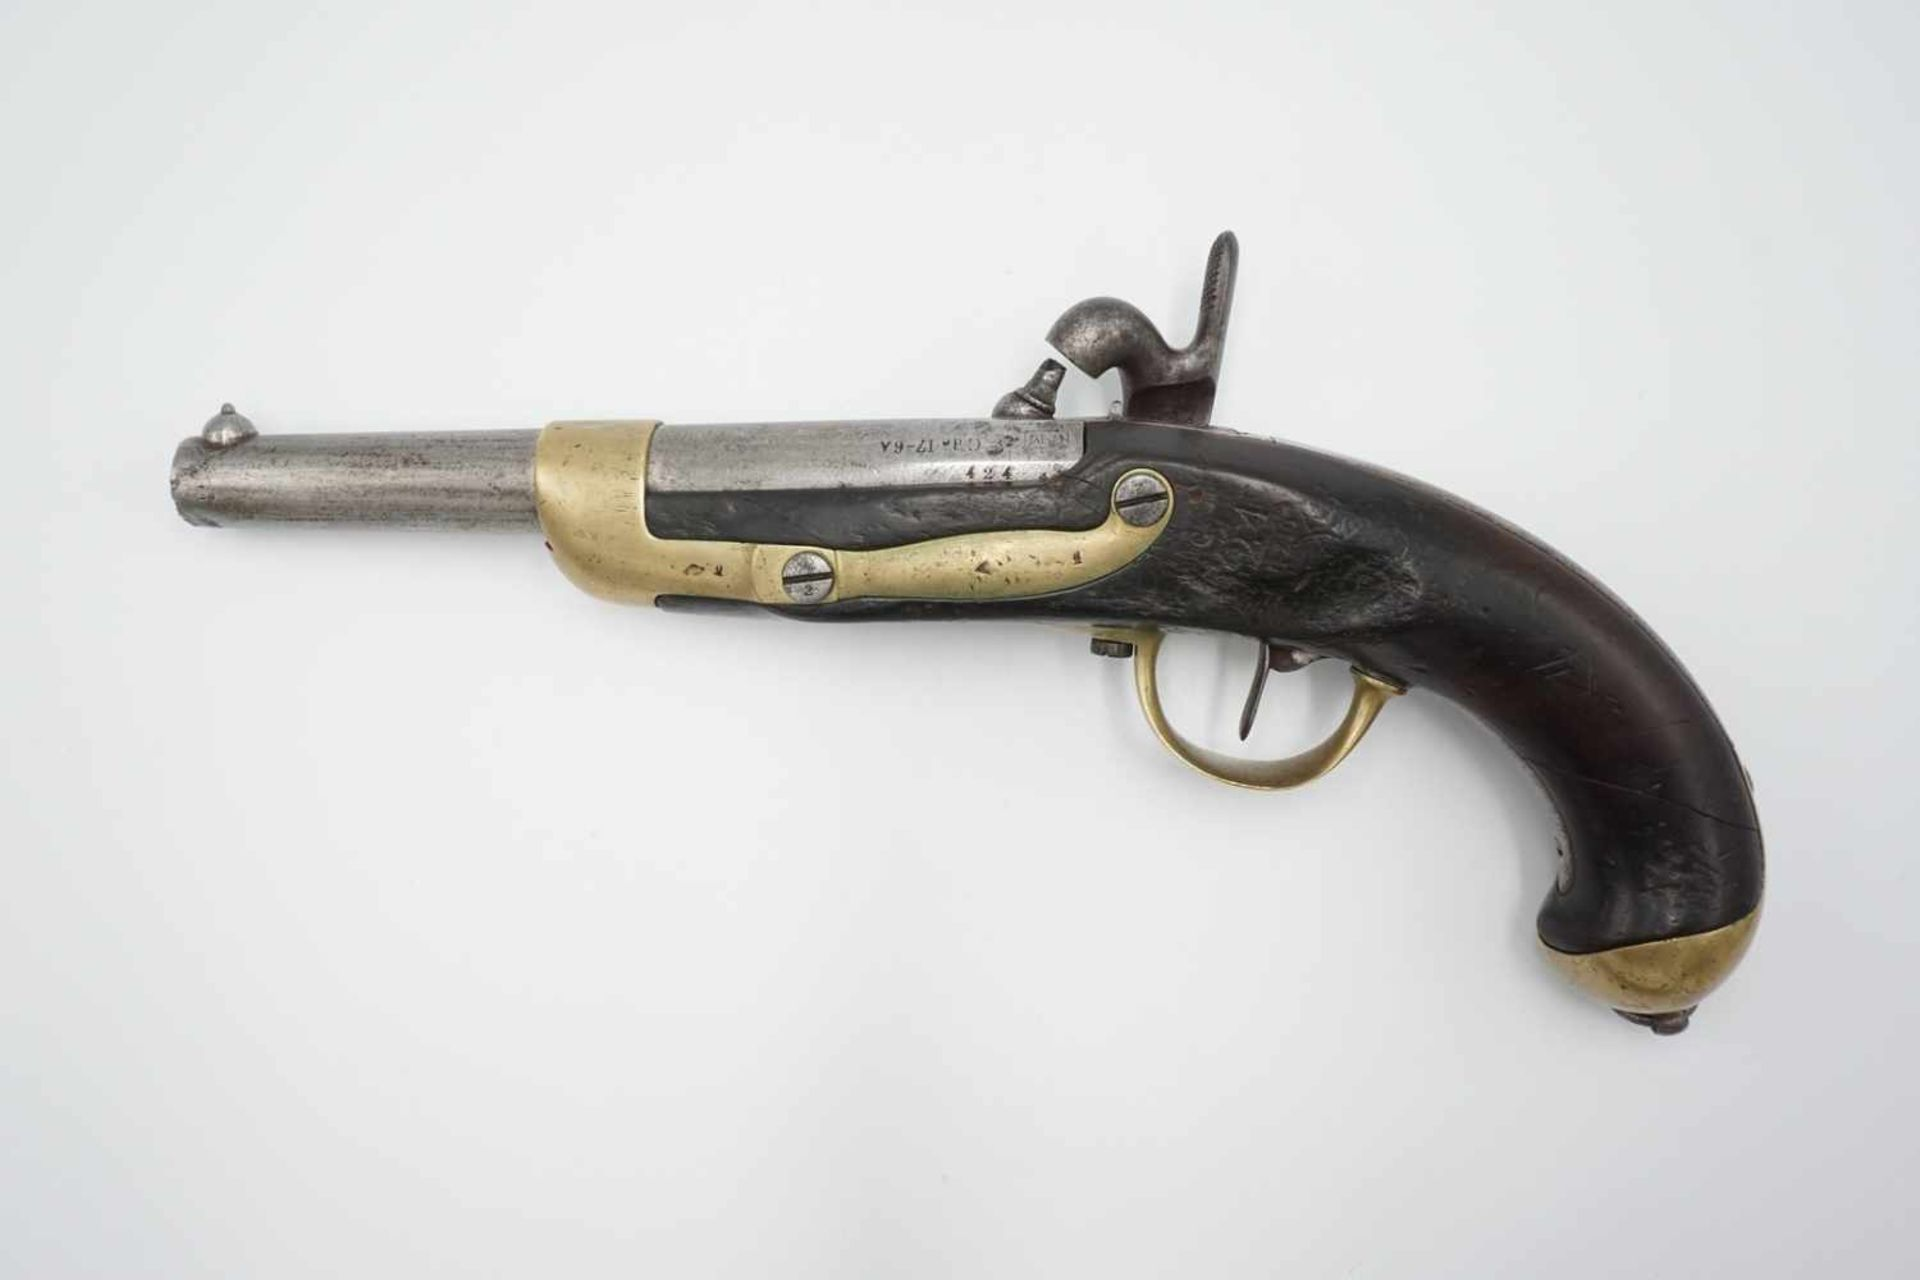 Französische Perkussions Reiterpistole M 1822 T, 1. Hälfte 19. Jh. - Bild 2 aus 4